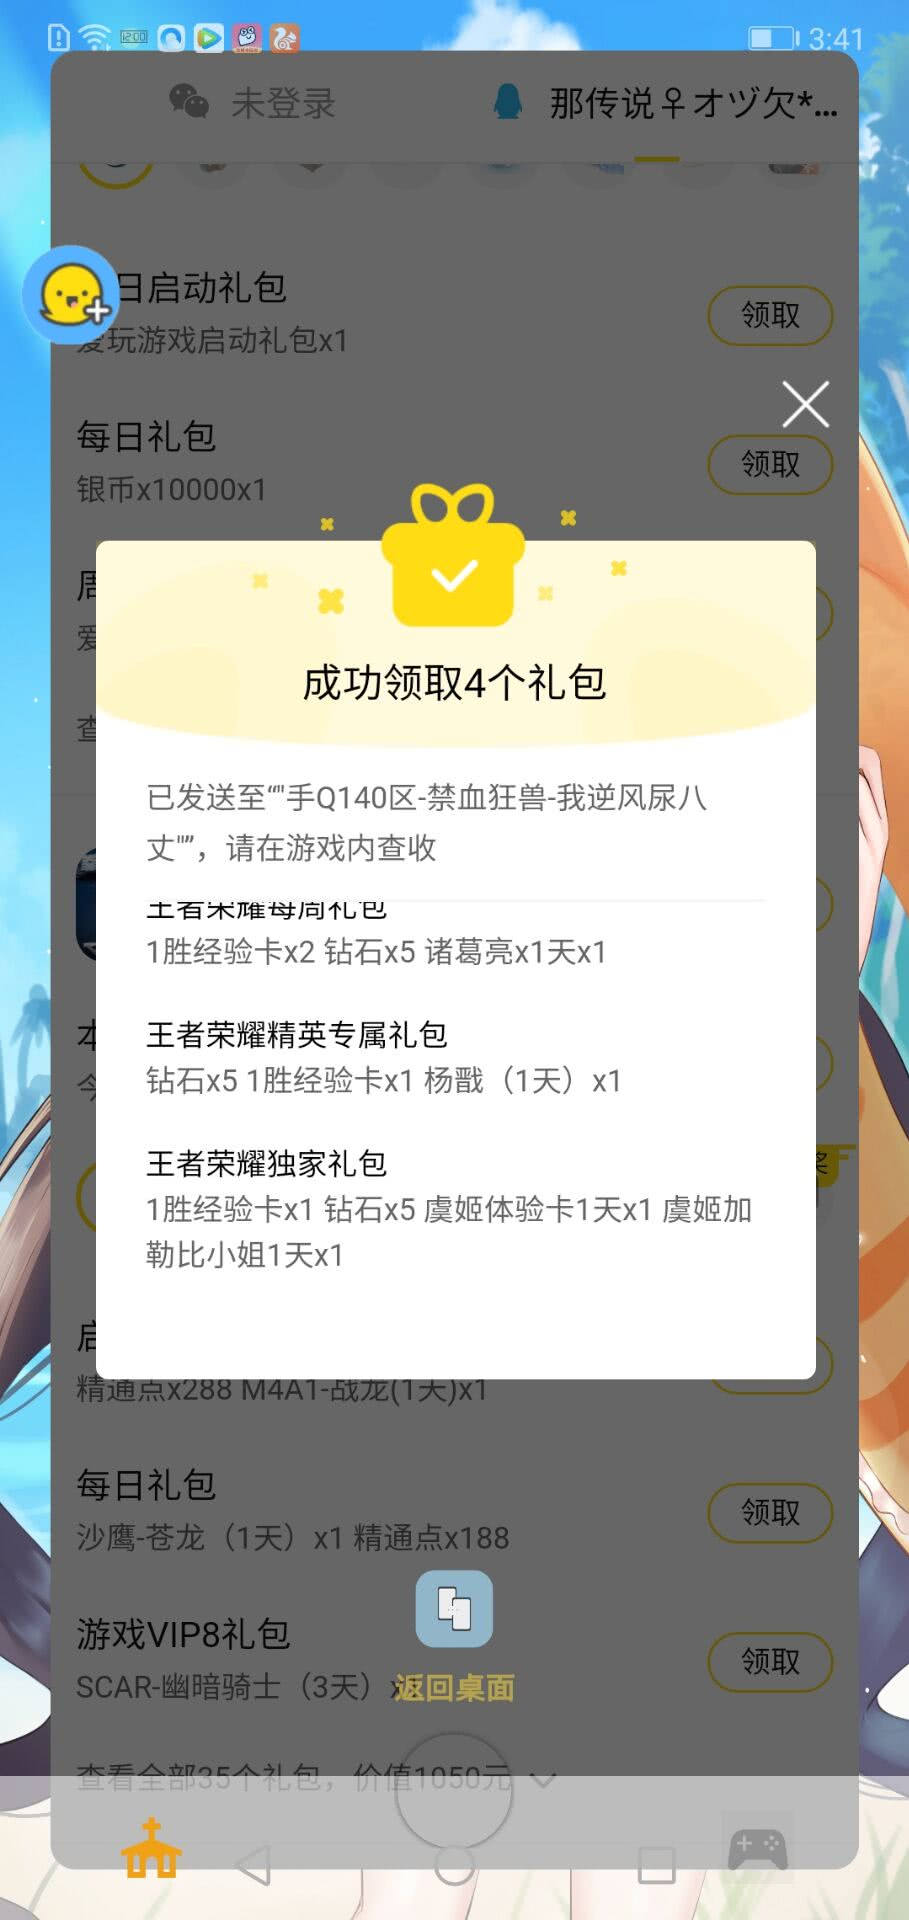 安卓游戏礼包助手v5.8 可领取全网游戏礼包